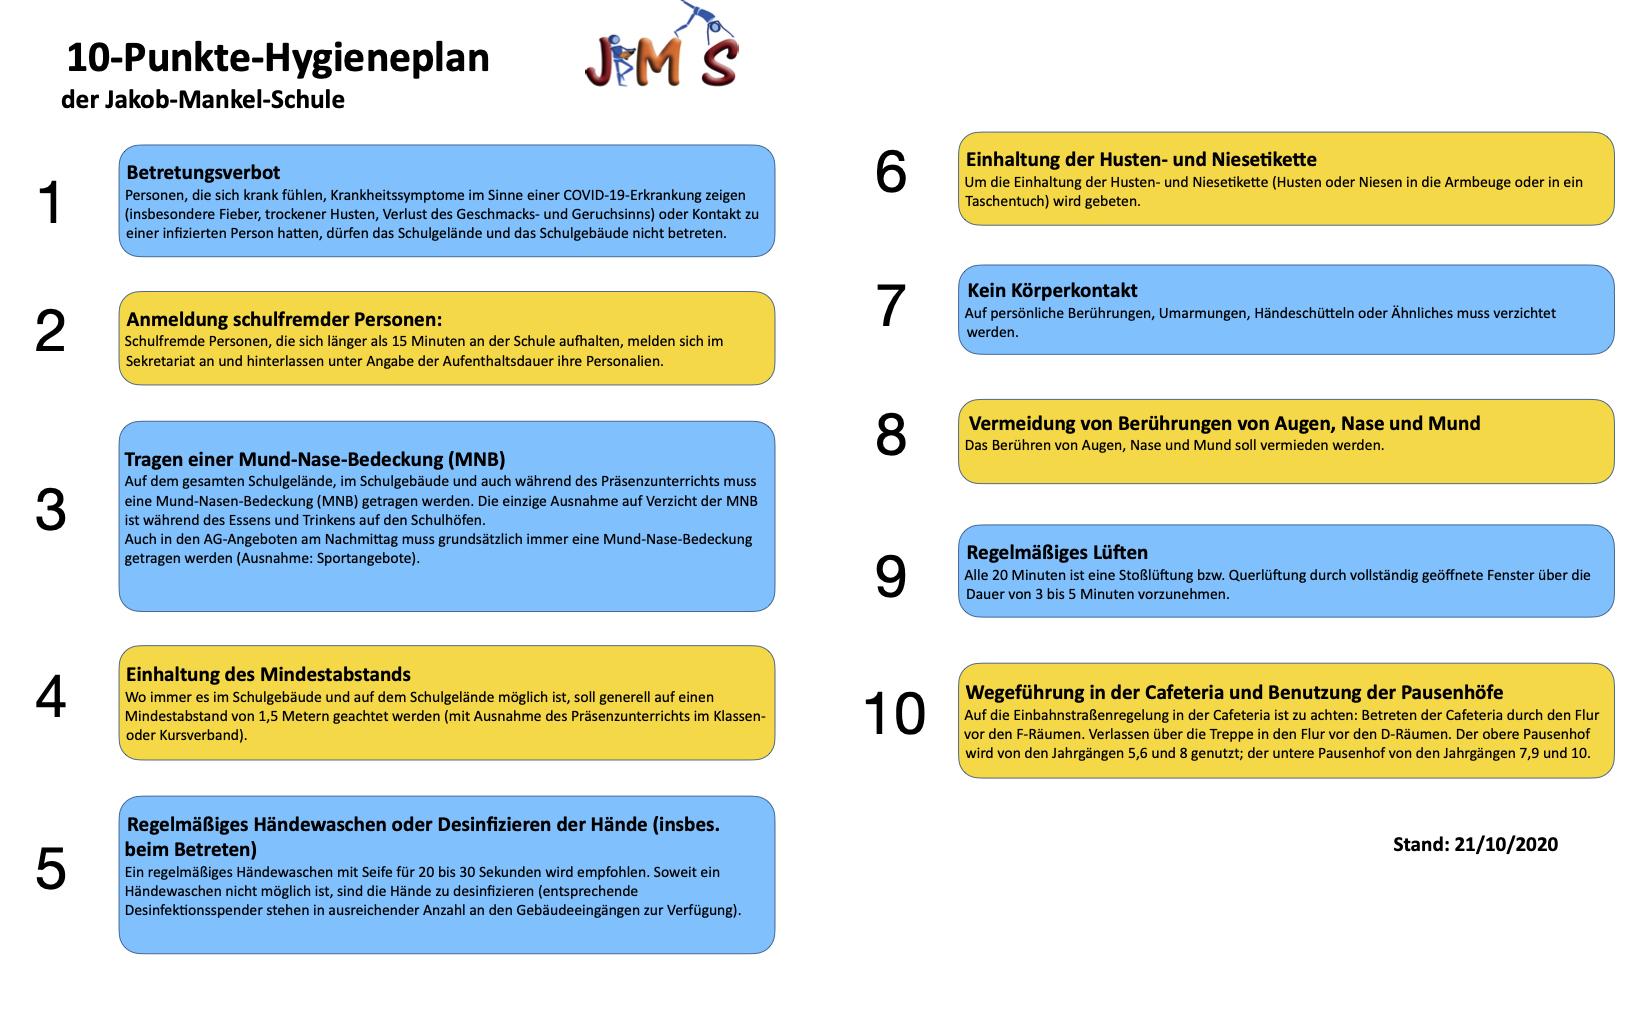 10-Punkte-Hygieneplan-2020